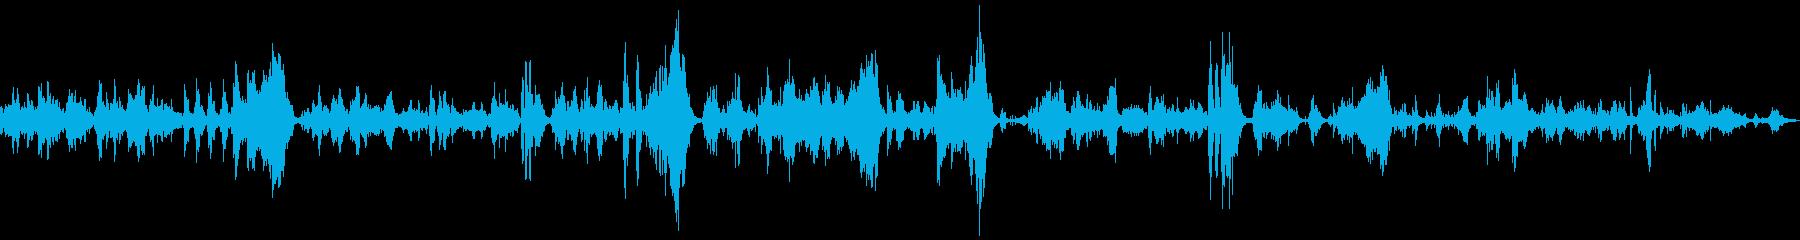 アントニオ・サリエリ。ワルツテンポ...の再生済みの波形